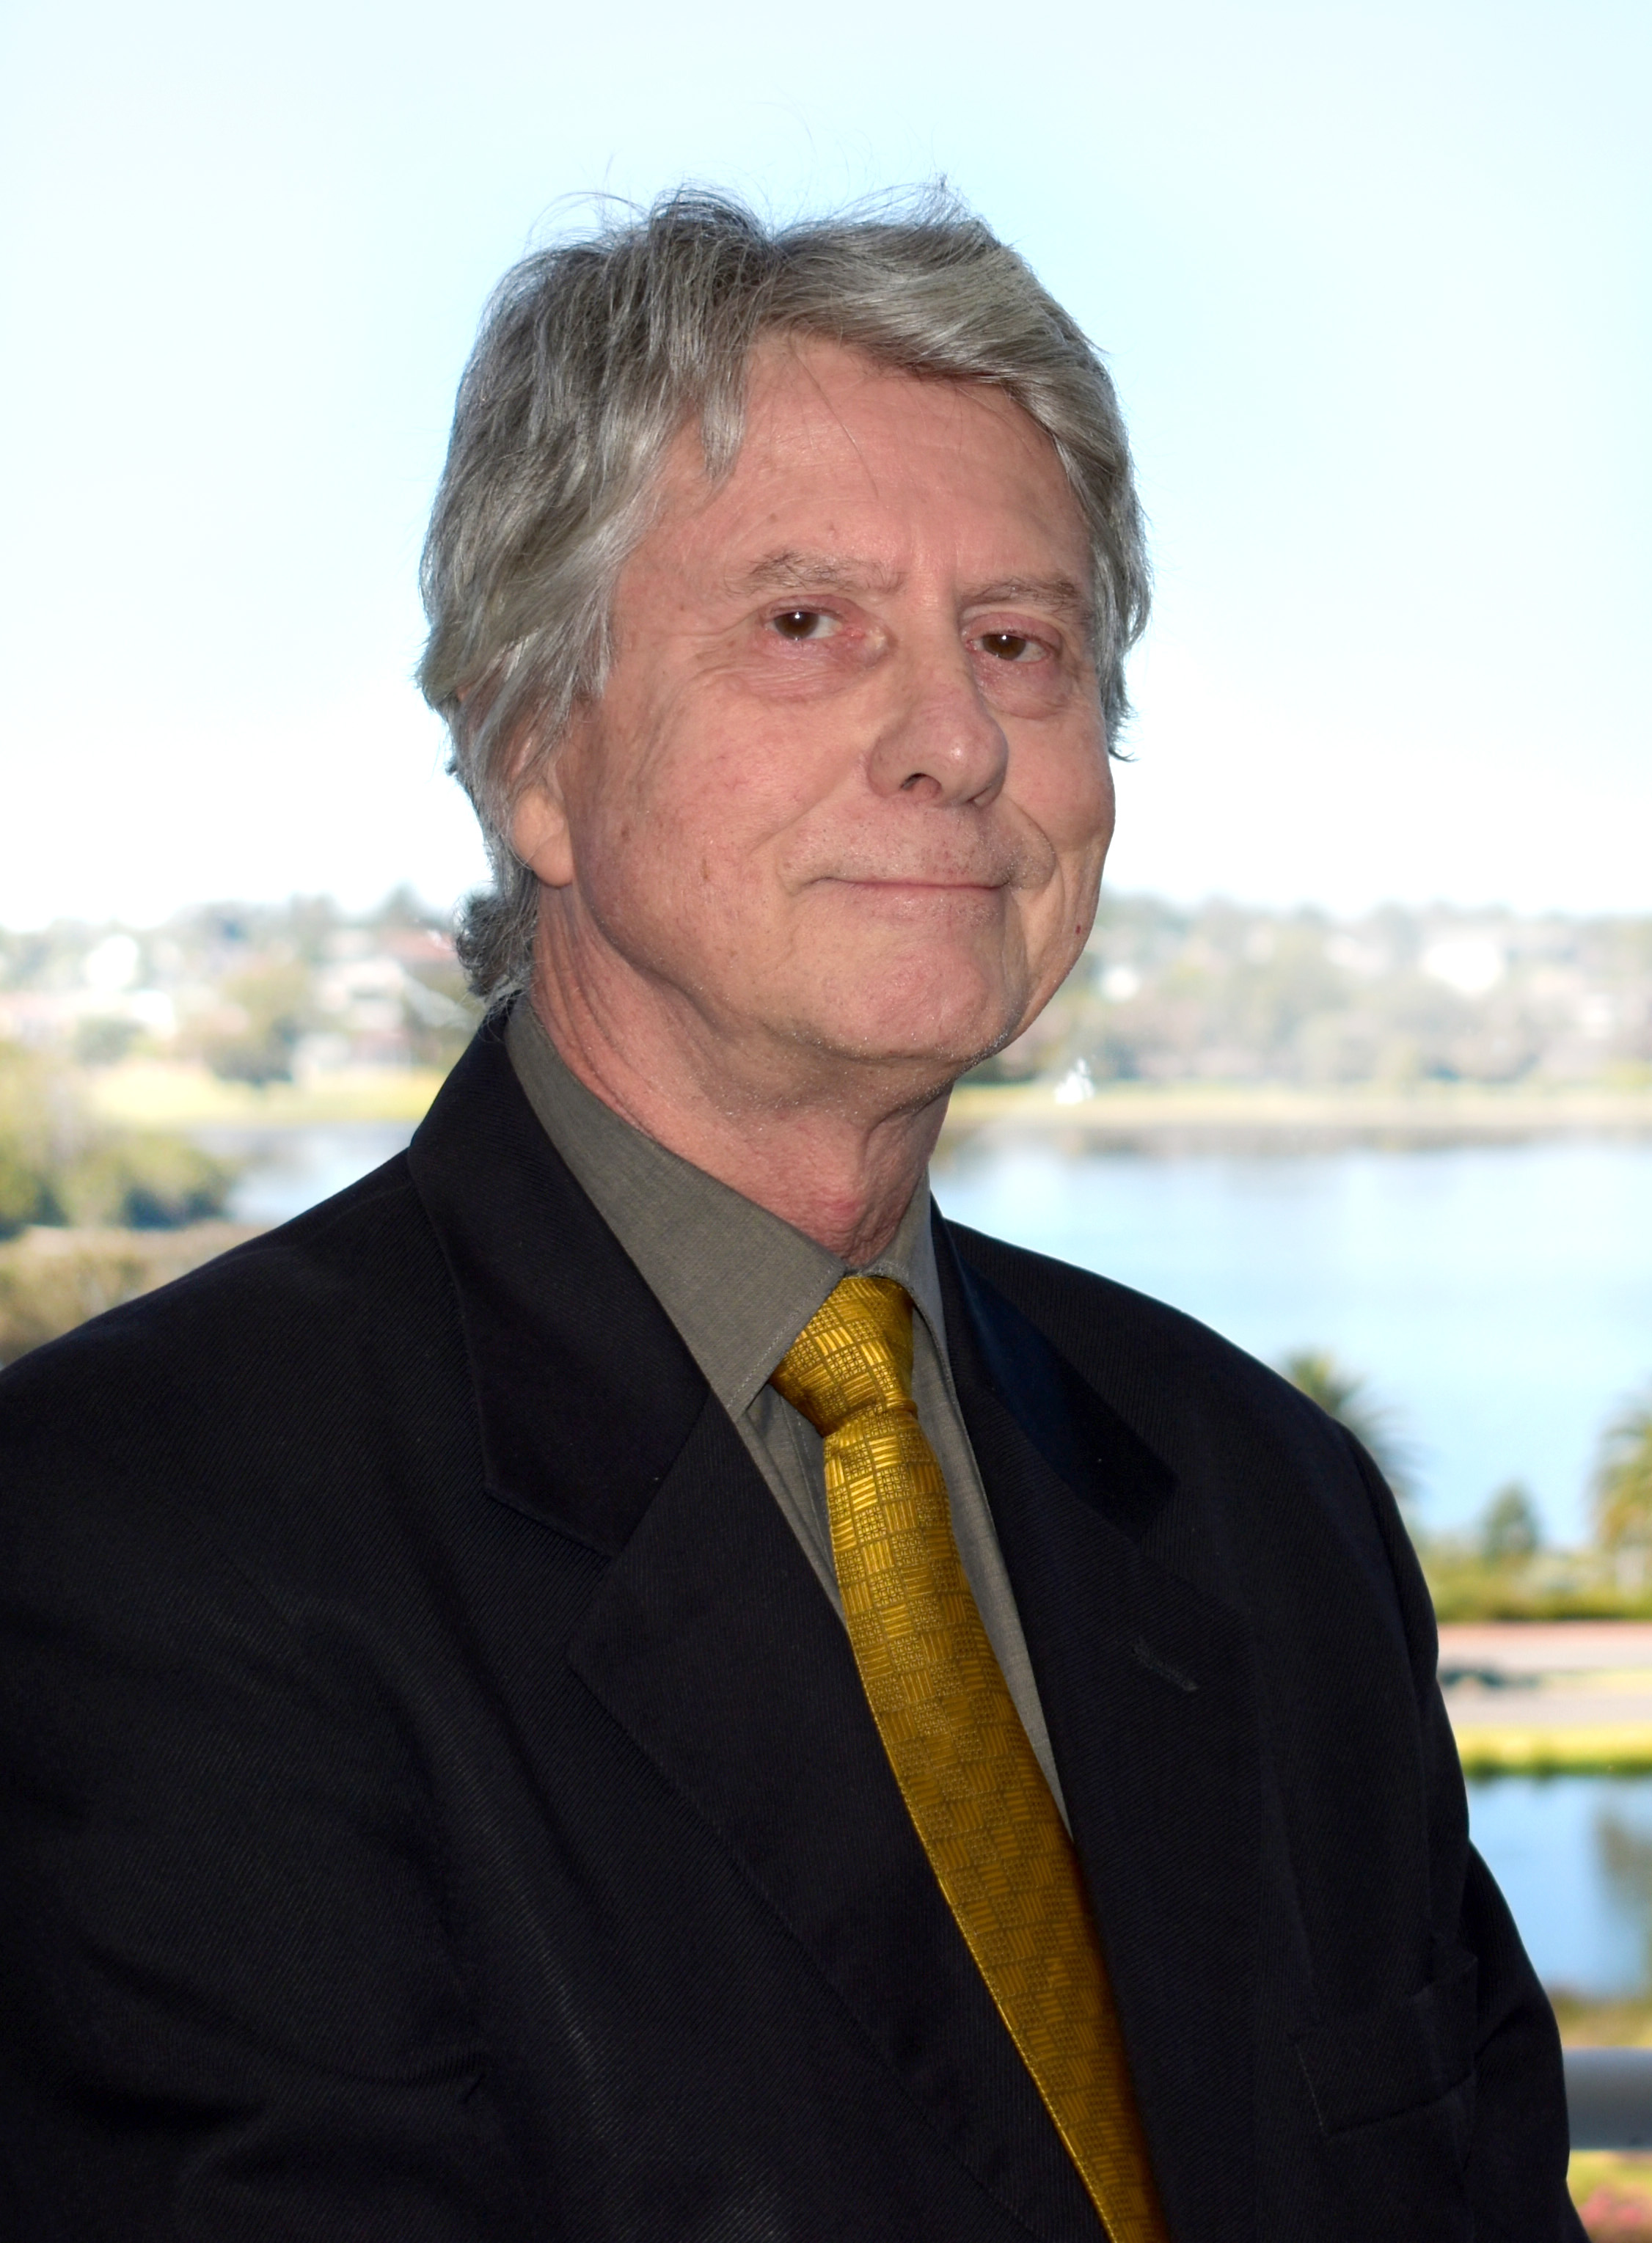 David McCulloch